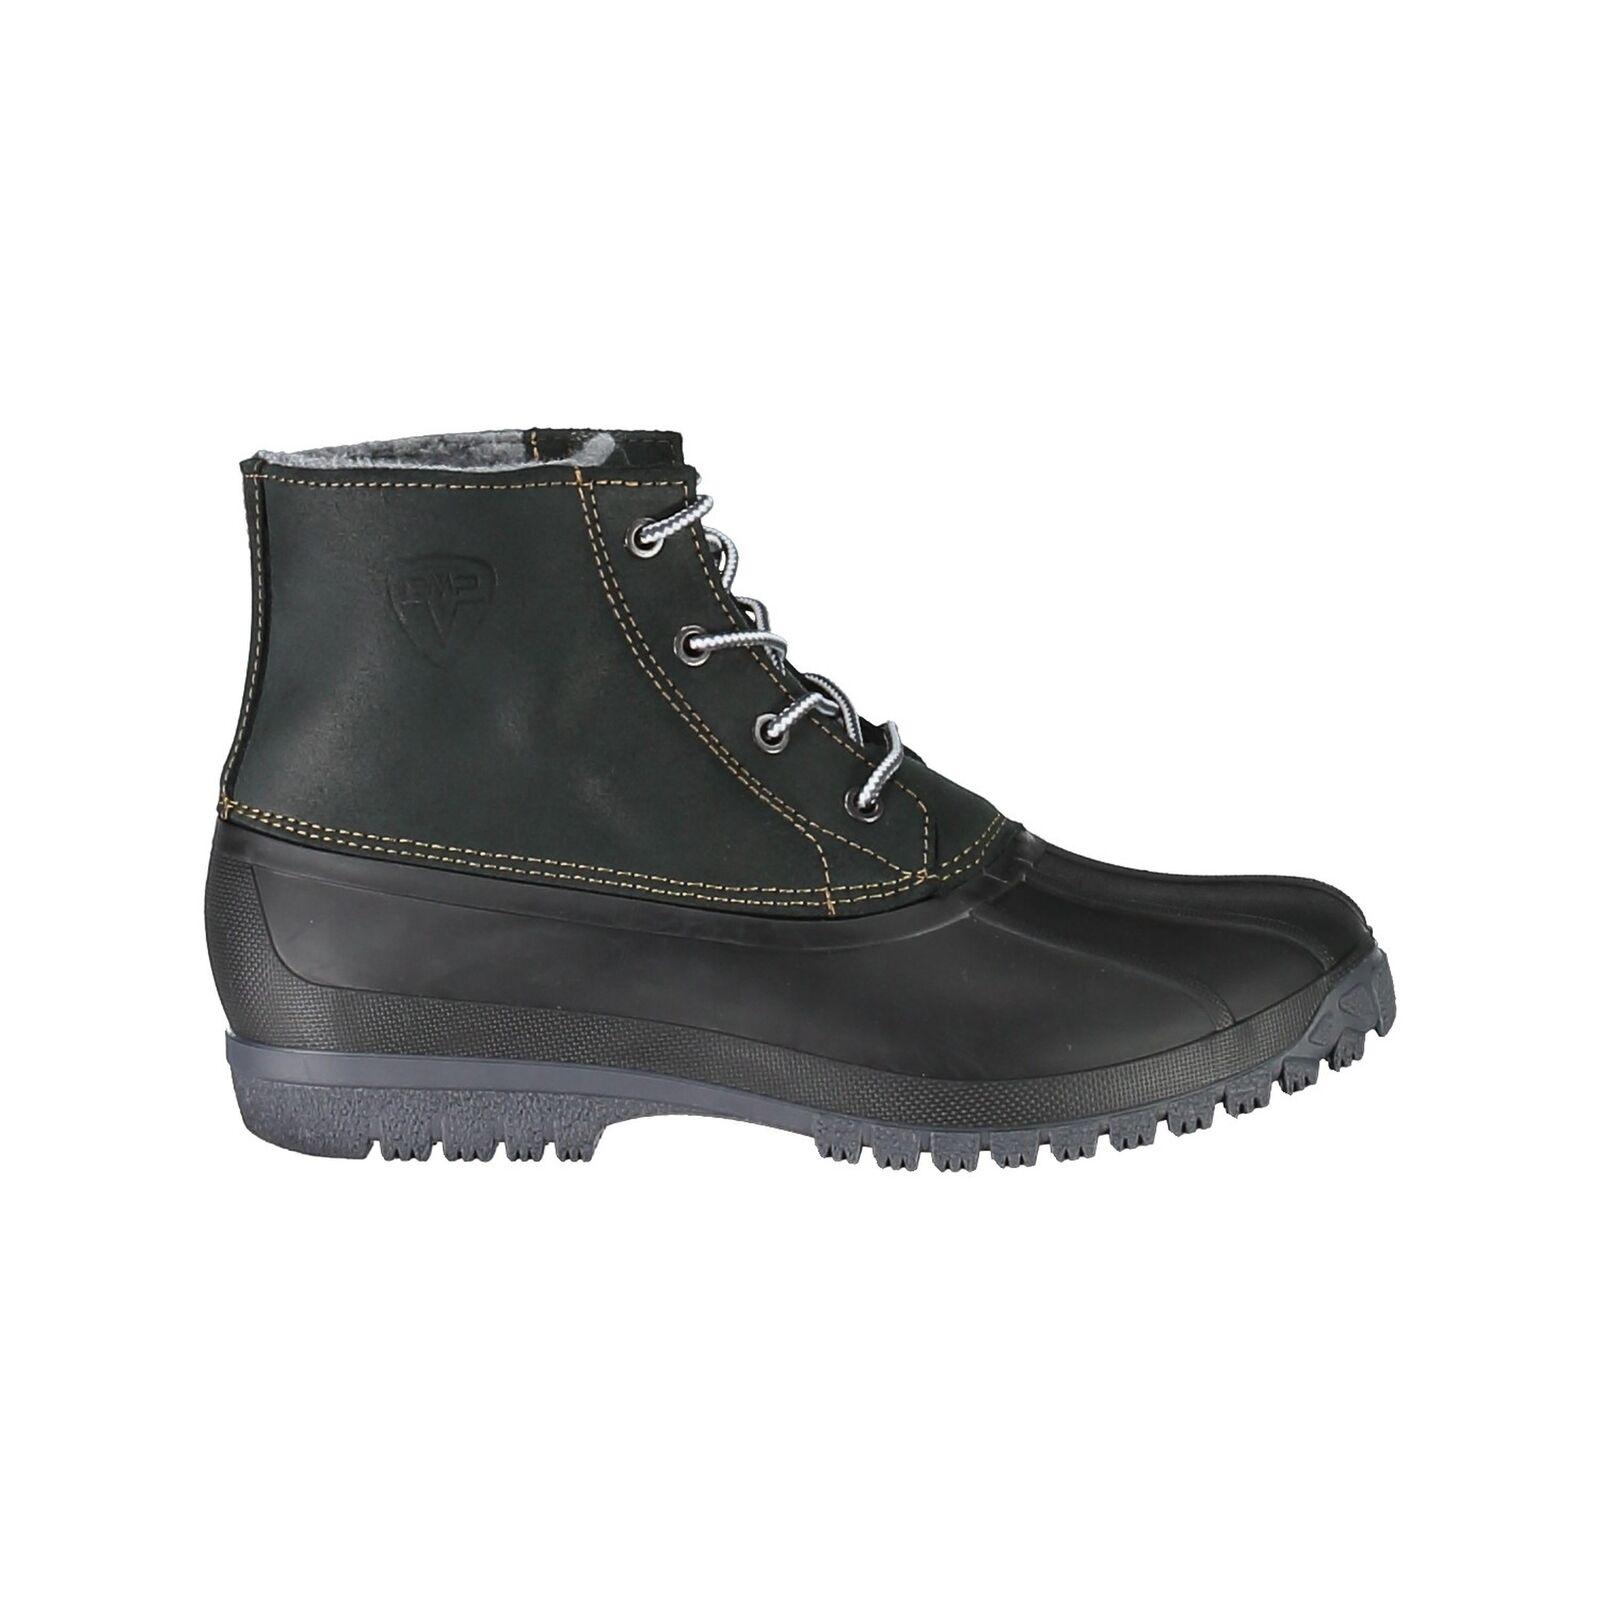 CMP Wanderschuhe Outdoorschuh BELLATRIX LEATHER WMN WMN LEATHER LIFESTYLE Schuhe 185e91